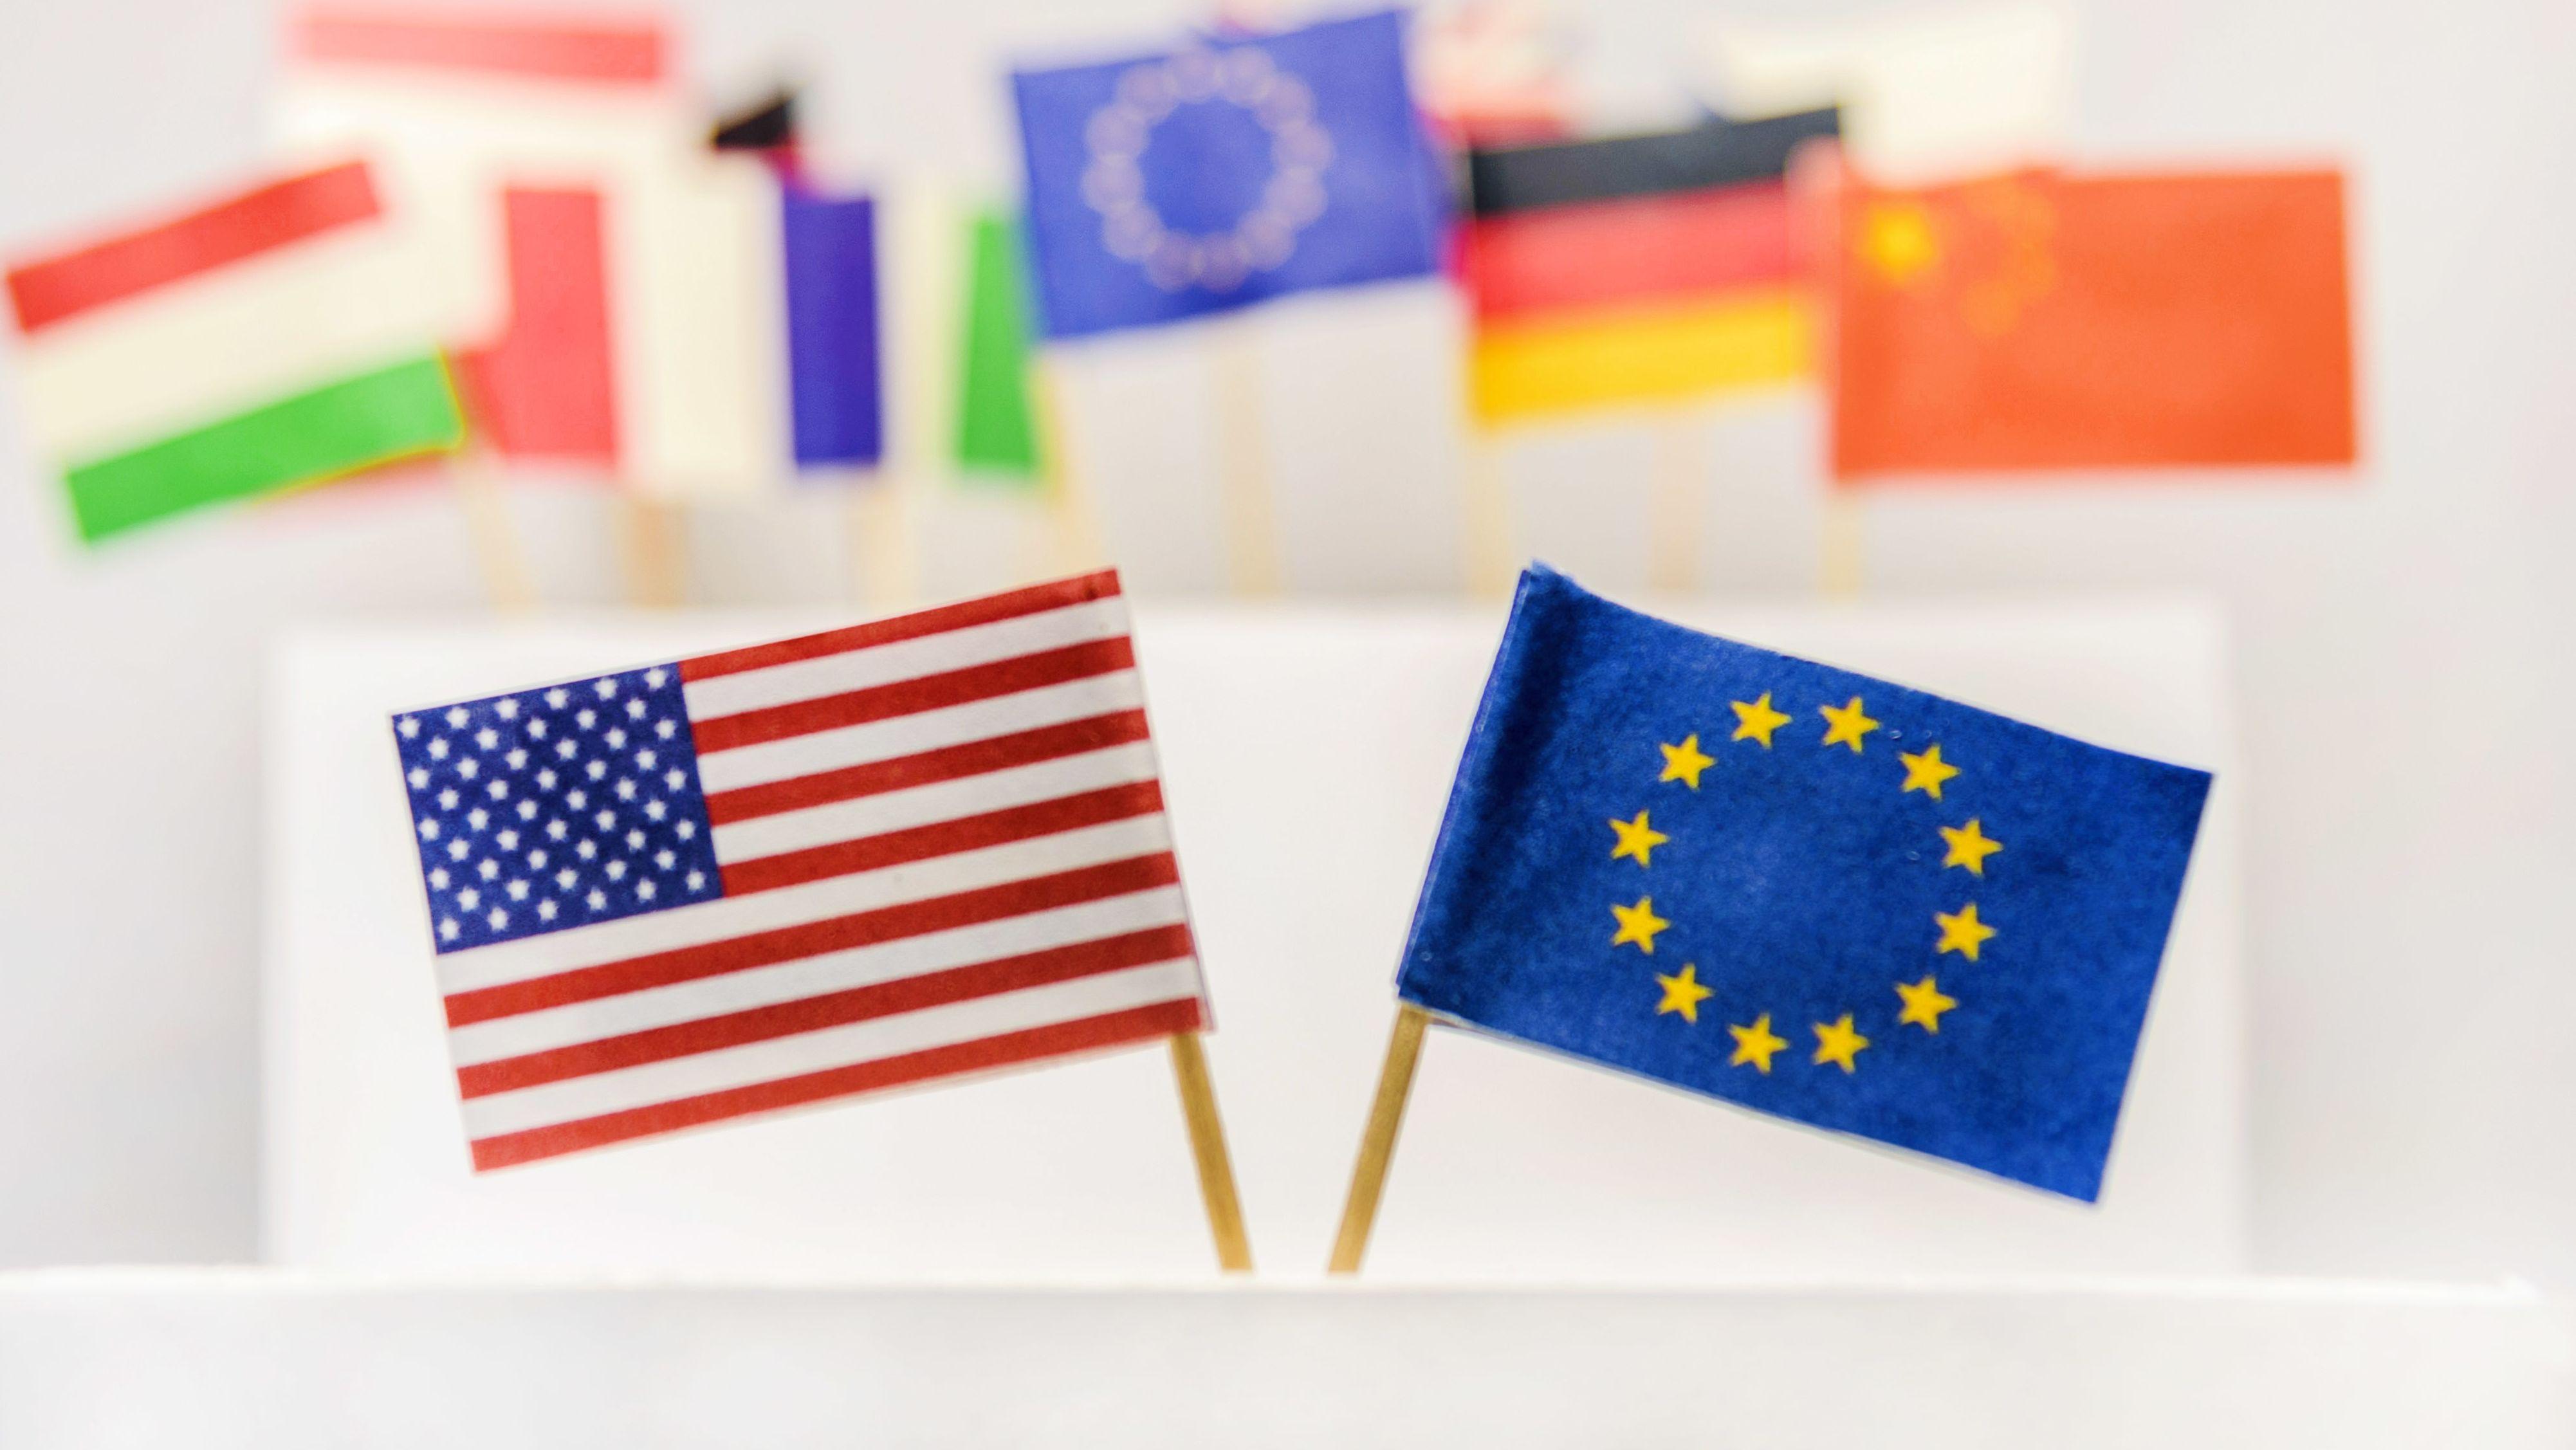 Im Vordergrund eine EU-Flagge und eine Flagge der USA, im Hintergrund mehrere europäische Flaggen